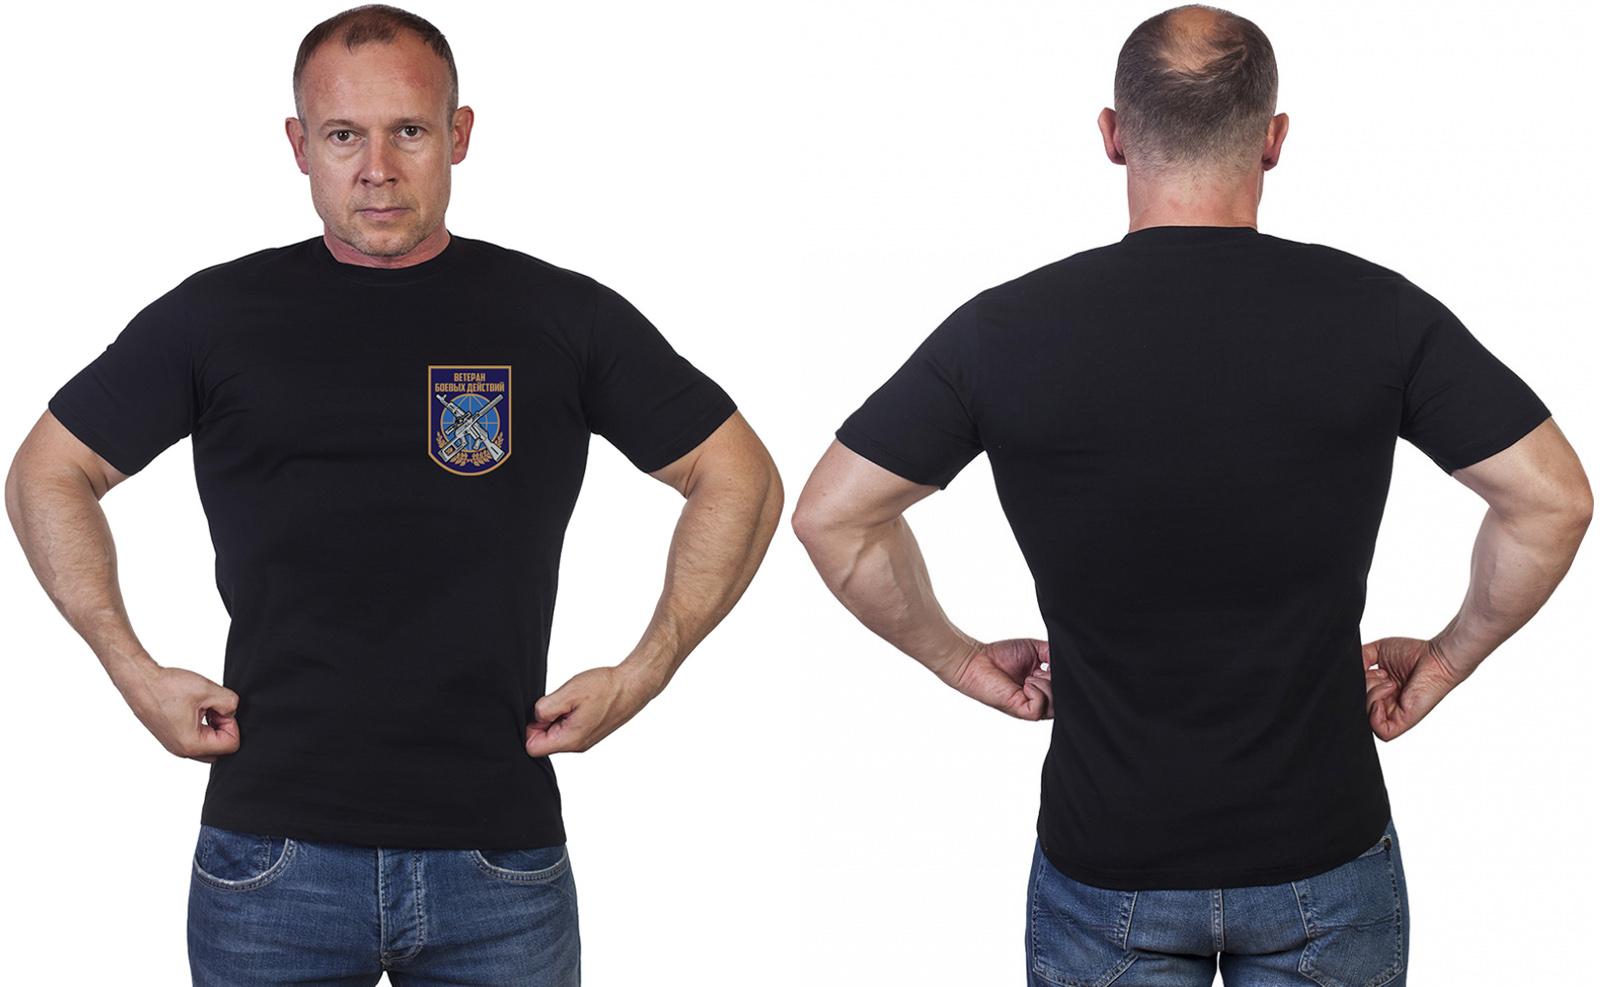 Футболка с надписью «Ветеран боевых действий»